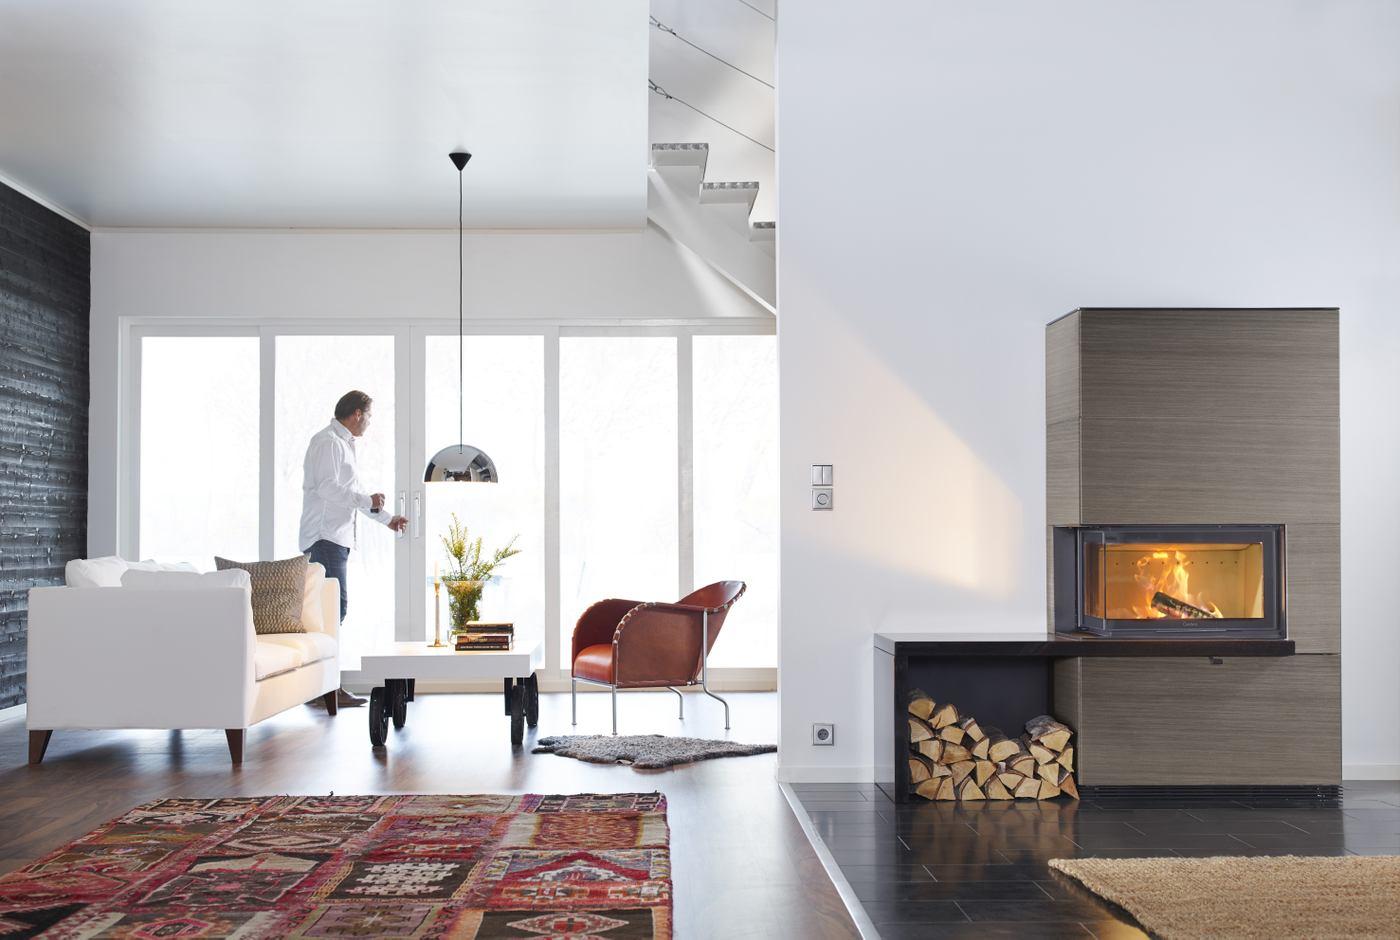 contura 31 s deyle pellekachels houtkachels gashaarden en hout haarden. Black Bedroom Furniture Sets. Home Design Ideas